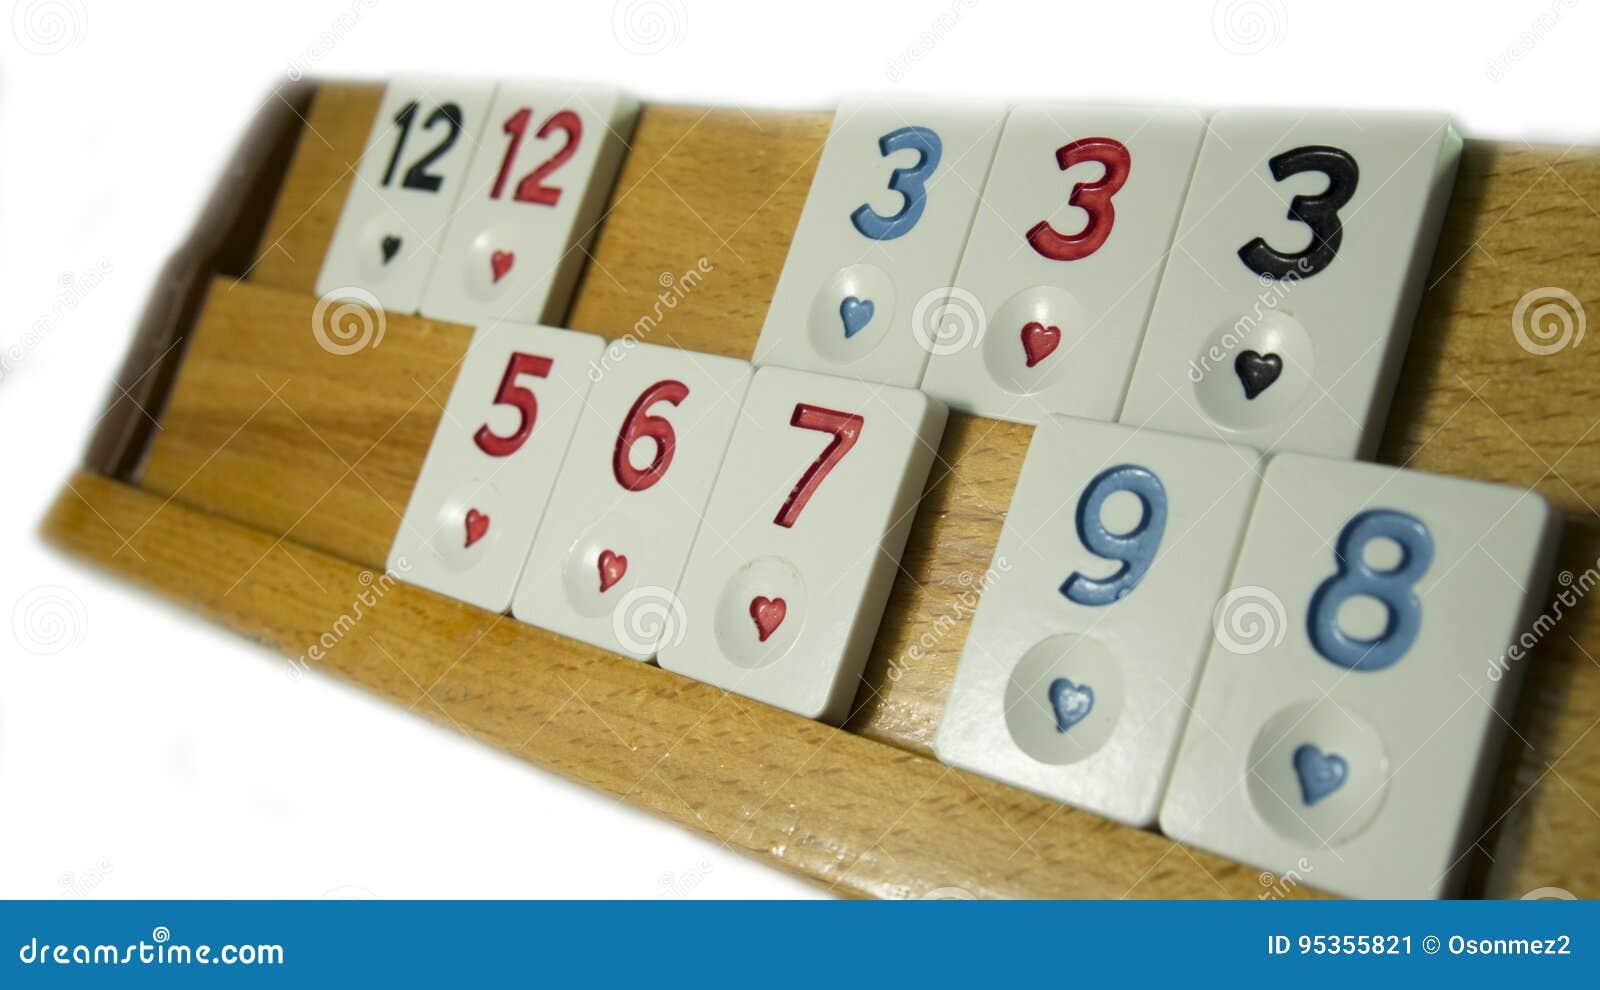 Turkey Okey Game With White Background Stock Image Image Of Gamble